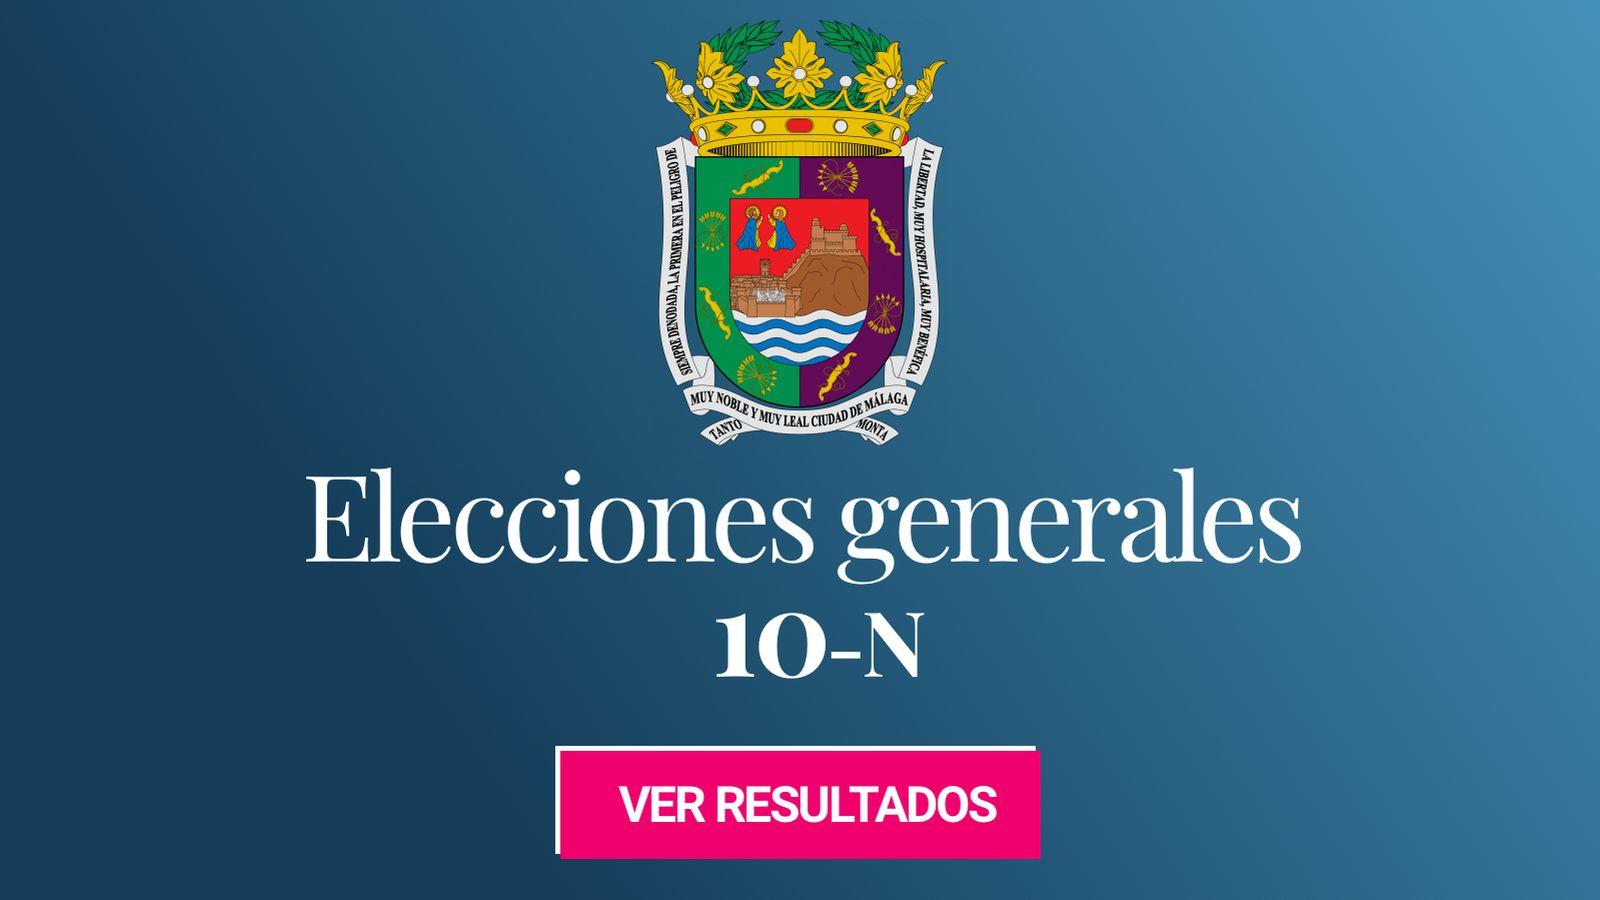 Foto: Elecciones generales 2019 en Málaga. (C.C./EC)